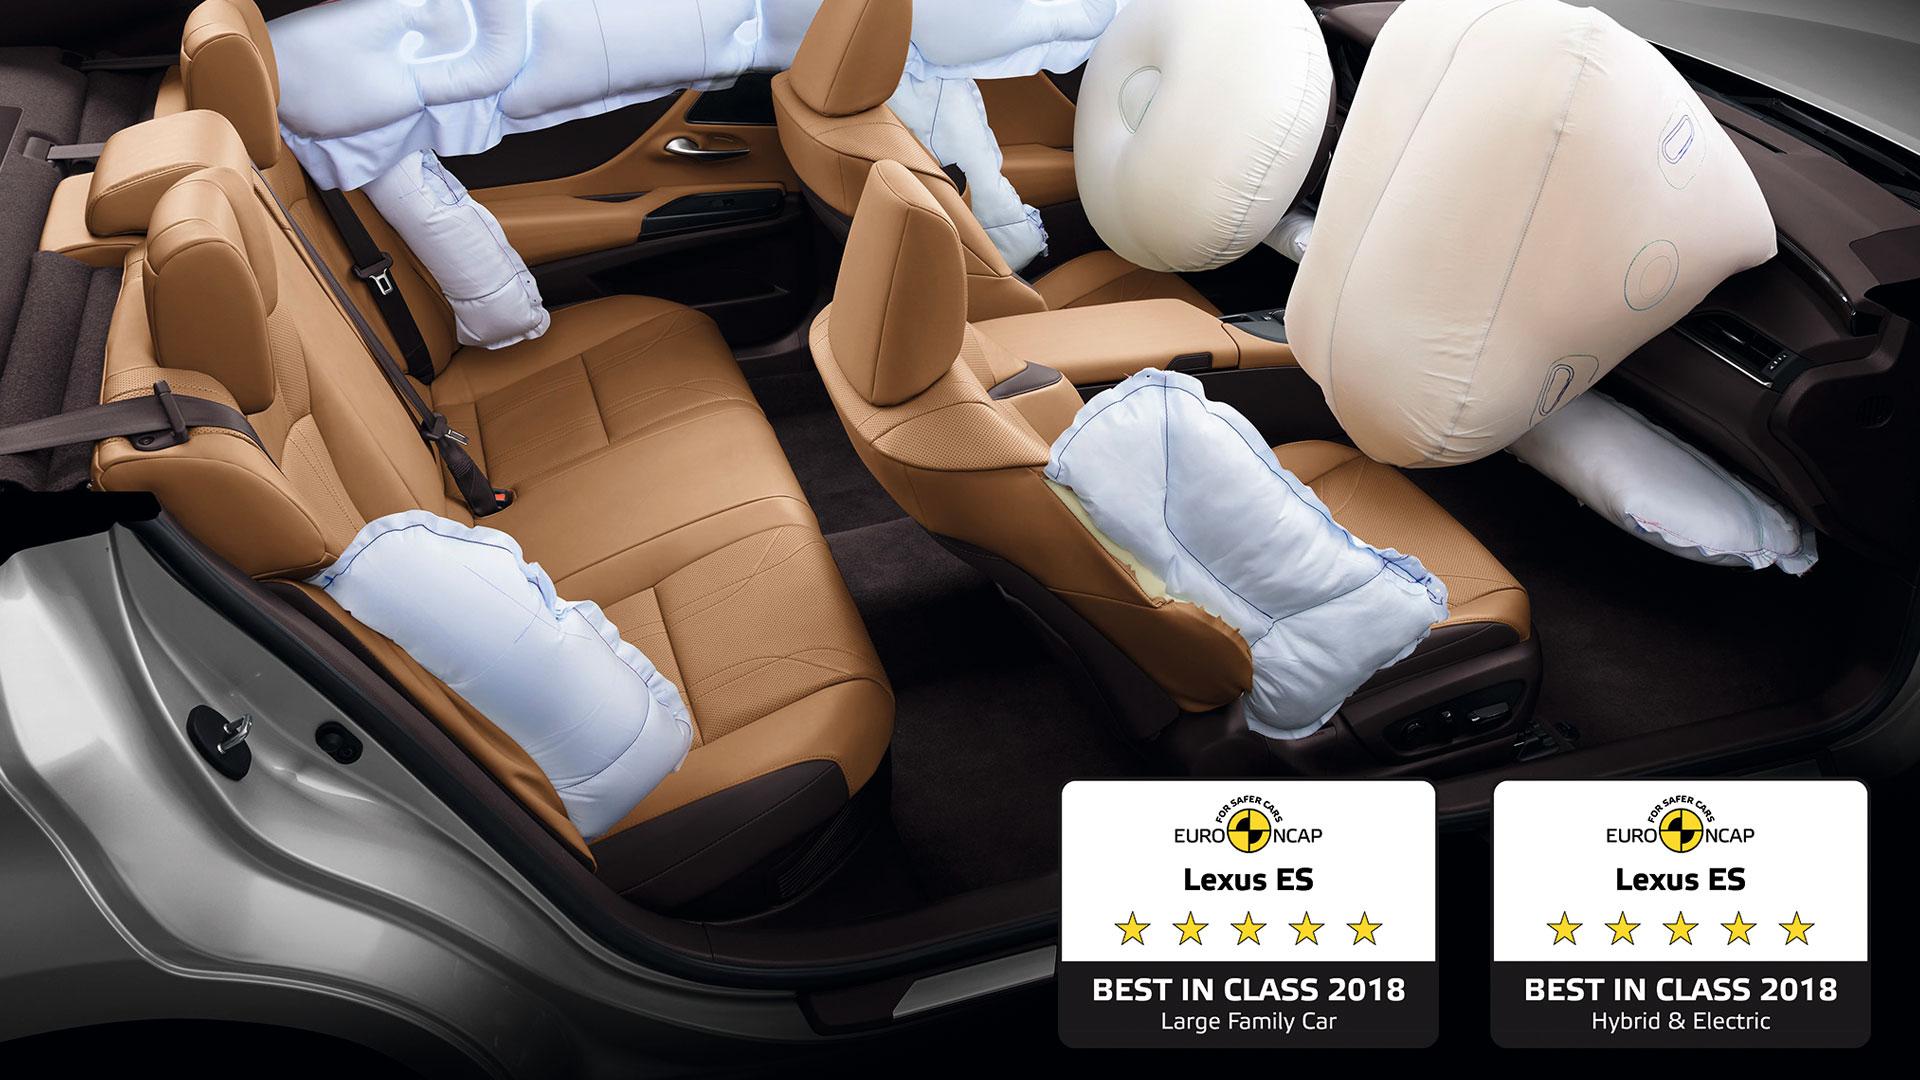 Imagen del Lexus ES con los distintivos de seguridad Euro NCAP